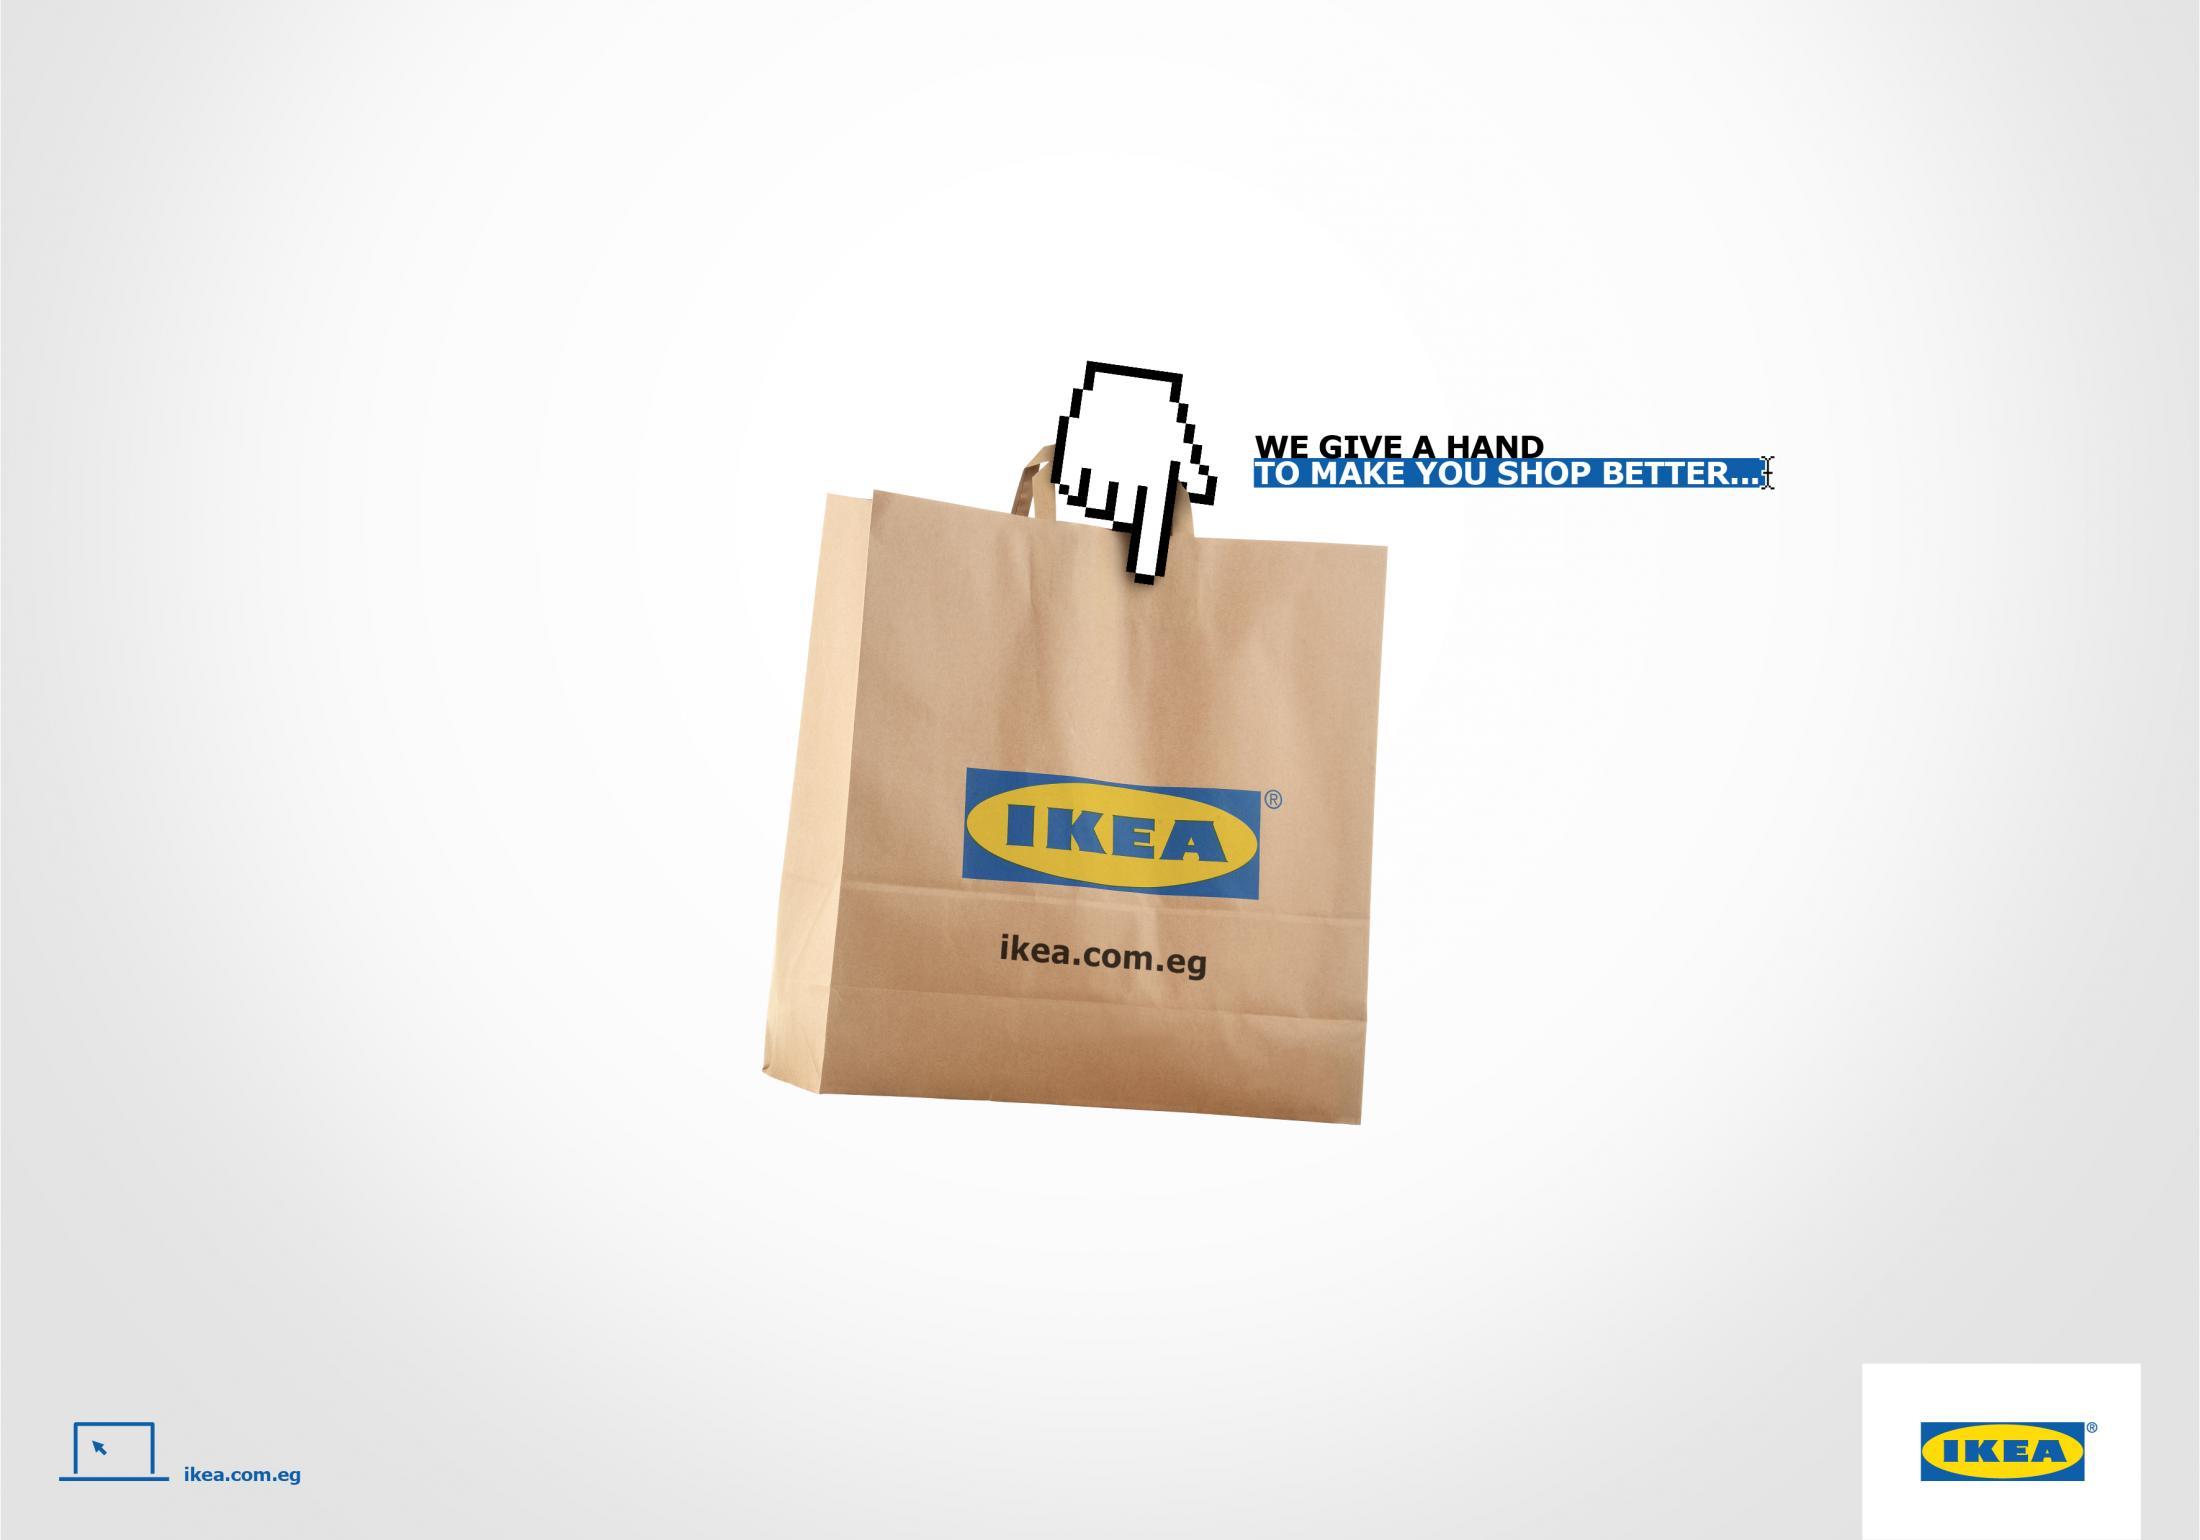 Para impulsar el lanzamiento de la tienda online de IKEA en Egipto se crearon estos tres mensajes publicitarios digitales.